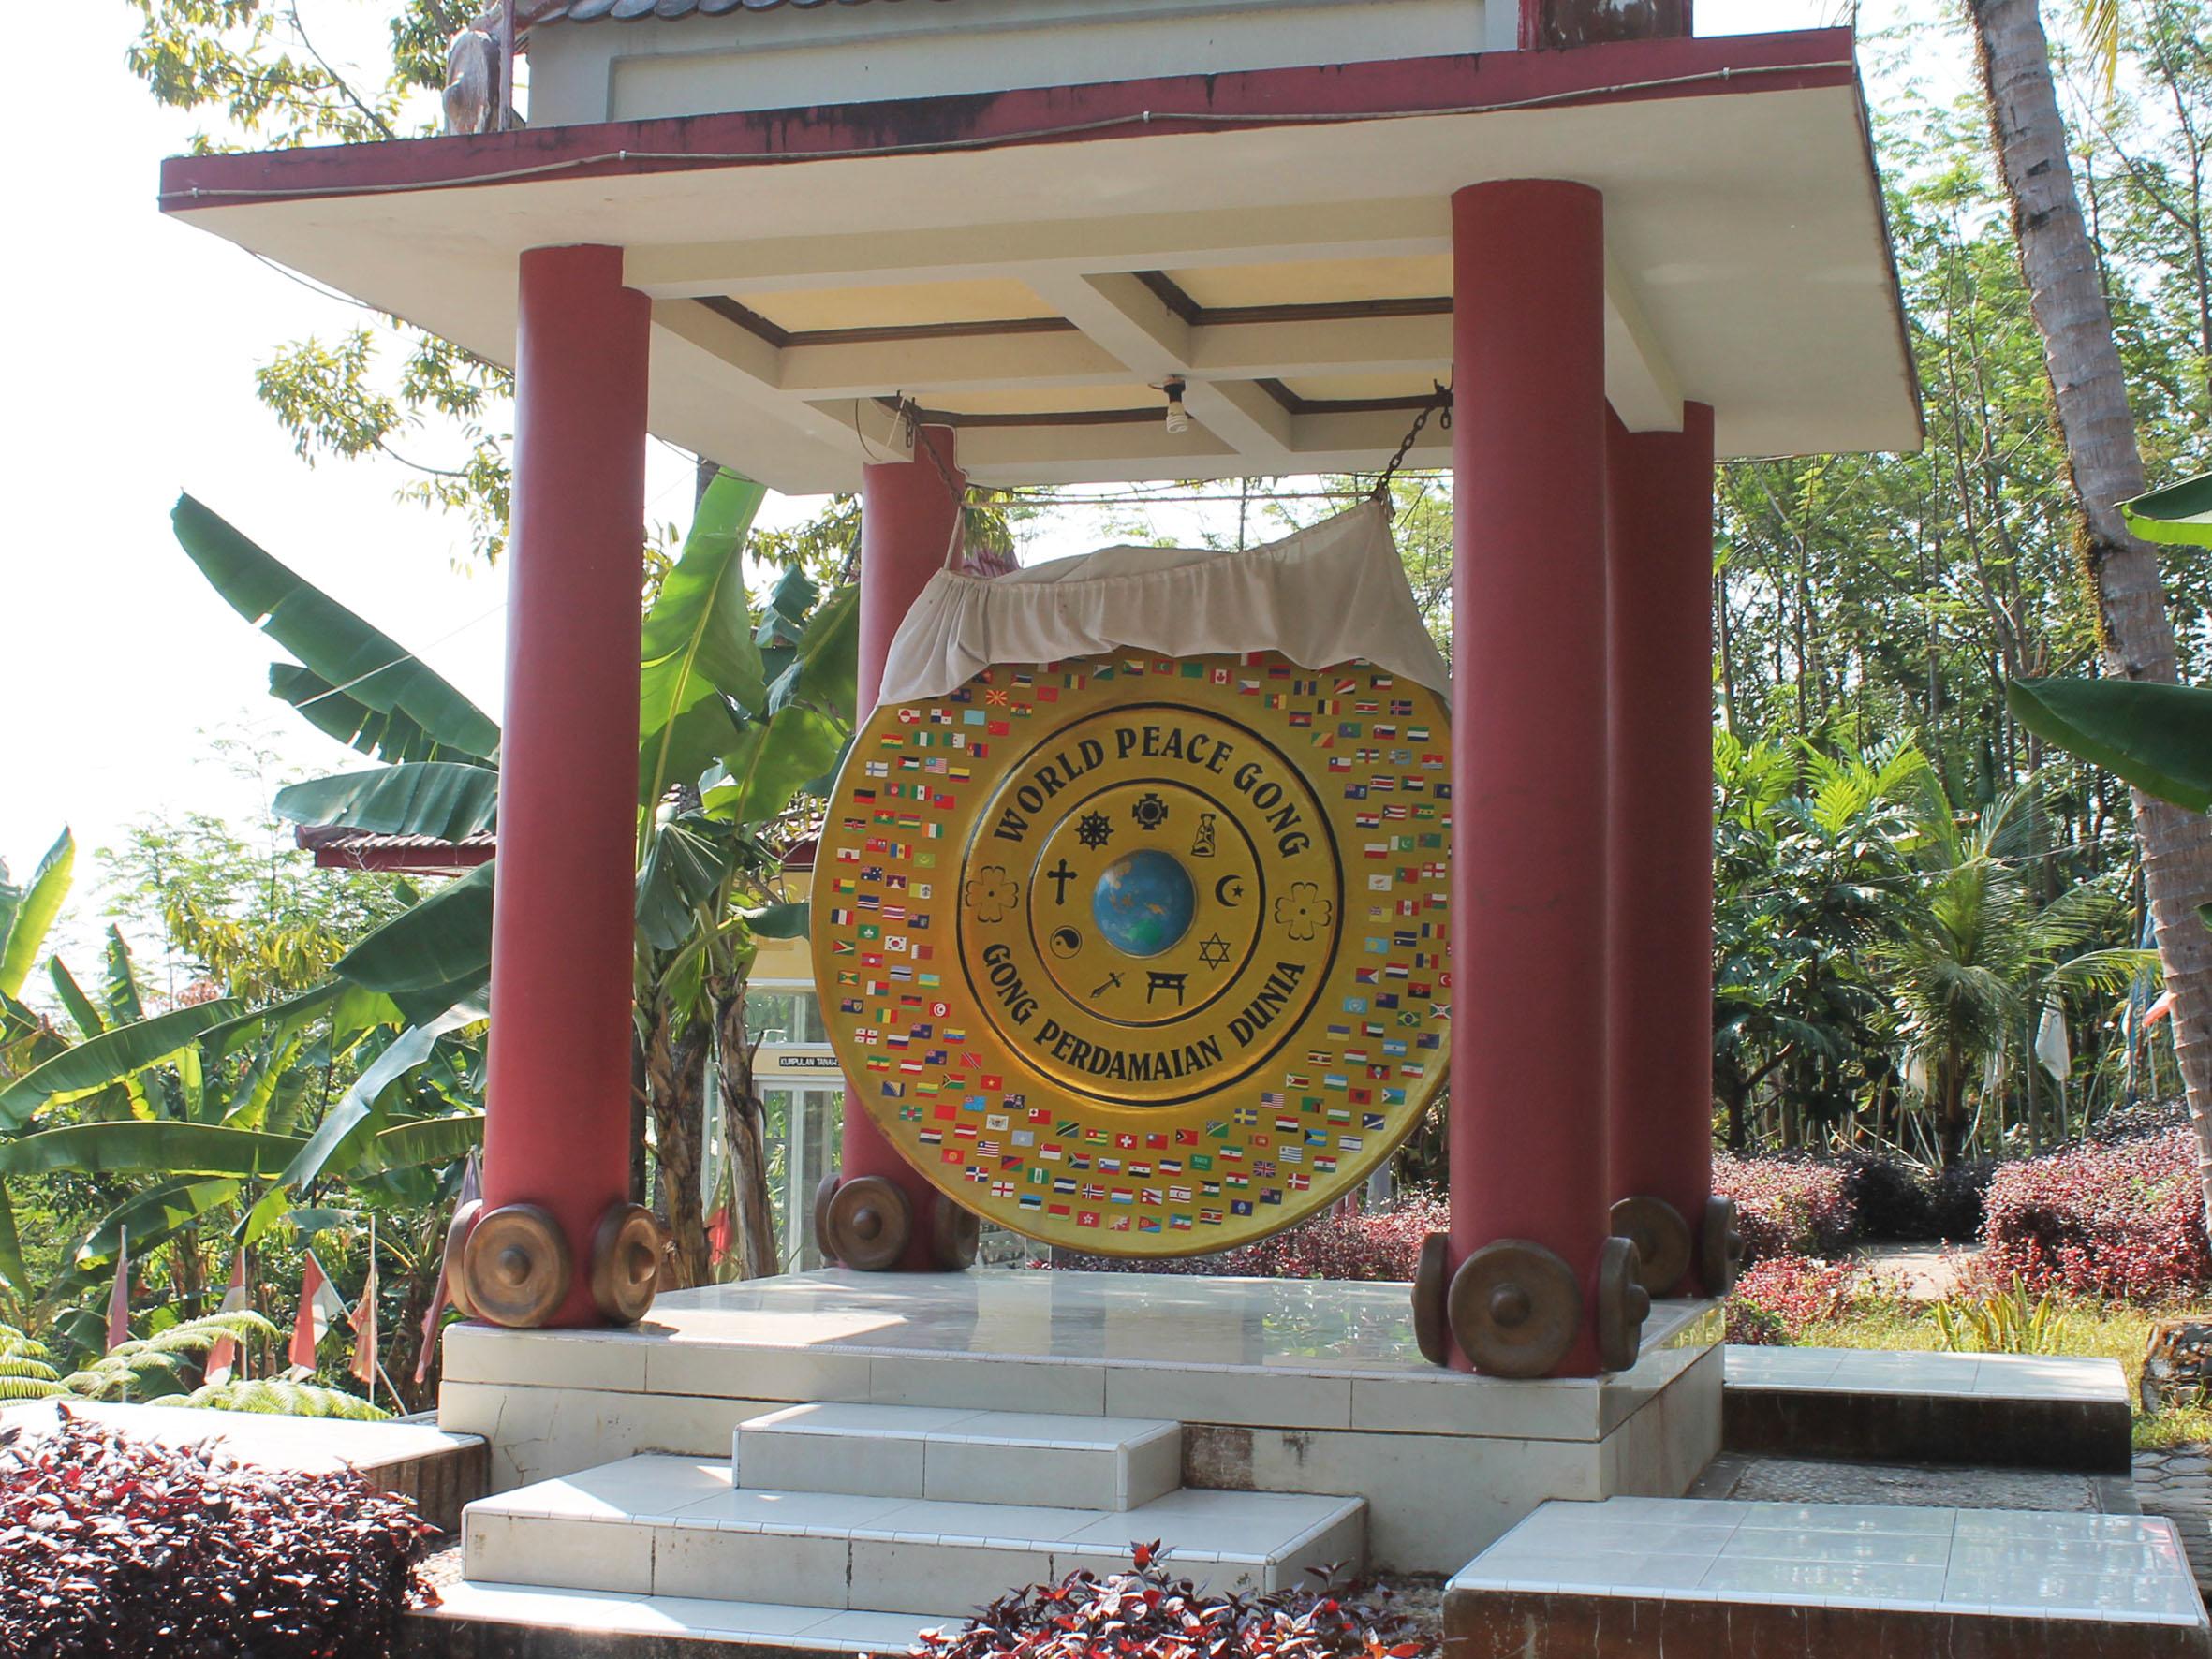 Pariwisata Provinsi Jawa Tengah Destinasi Wisata Gong Perdamaian